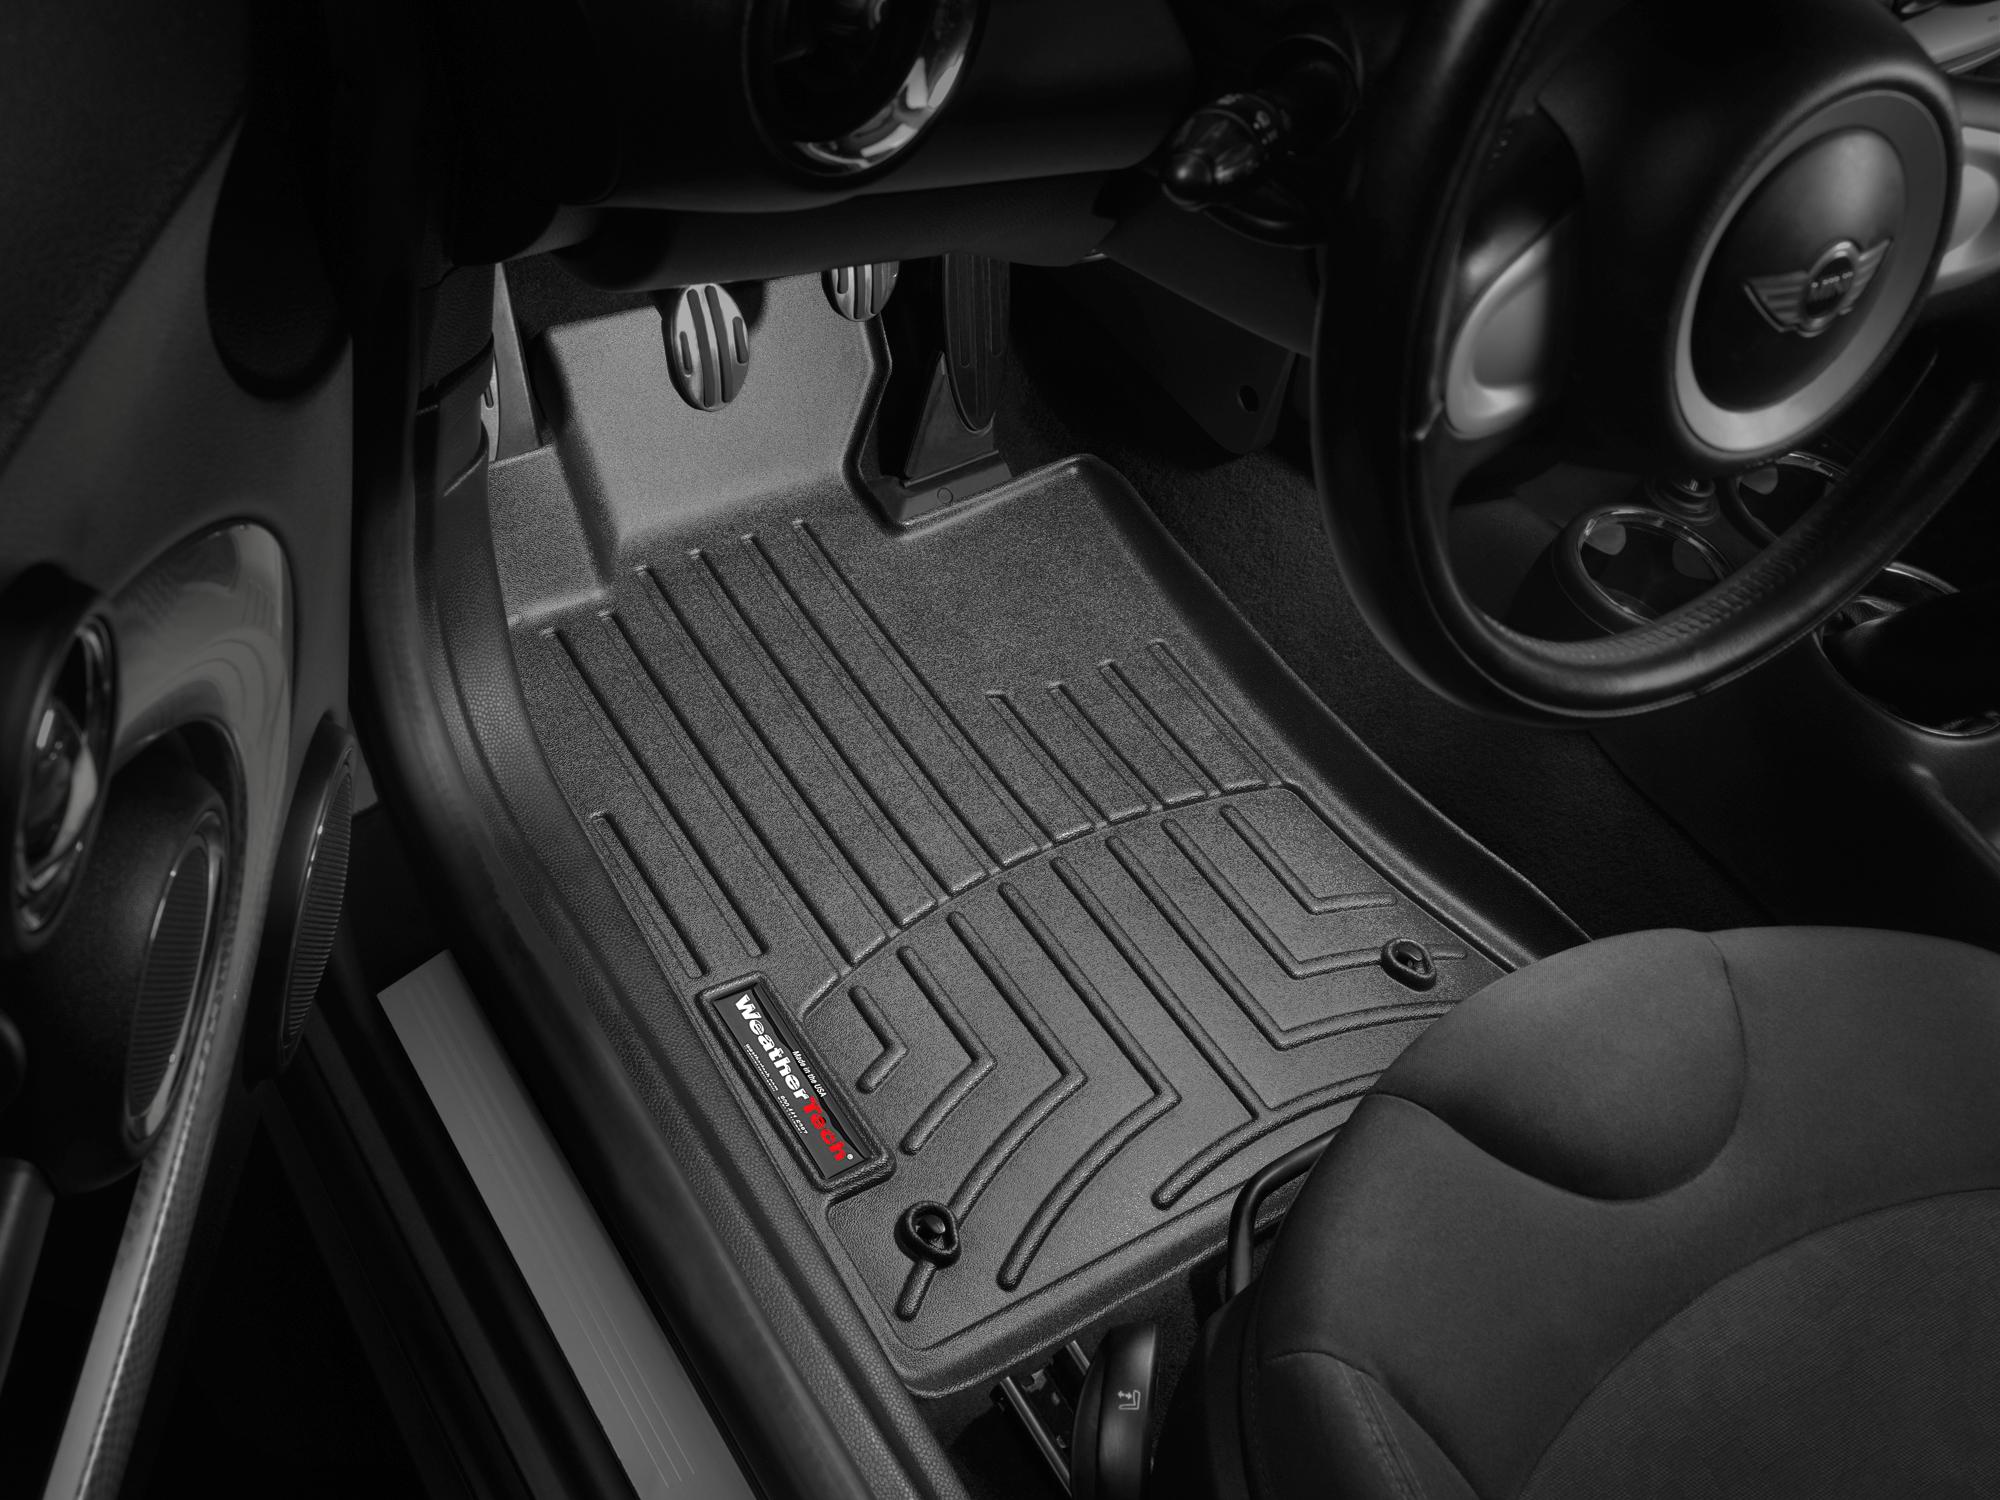 Tappeti gomma su misura bordo alto MINI Cooper / Cooper S 07>08 Nero A2681*